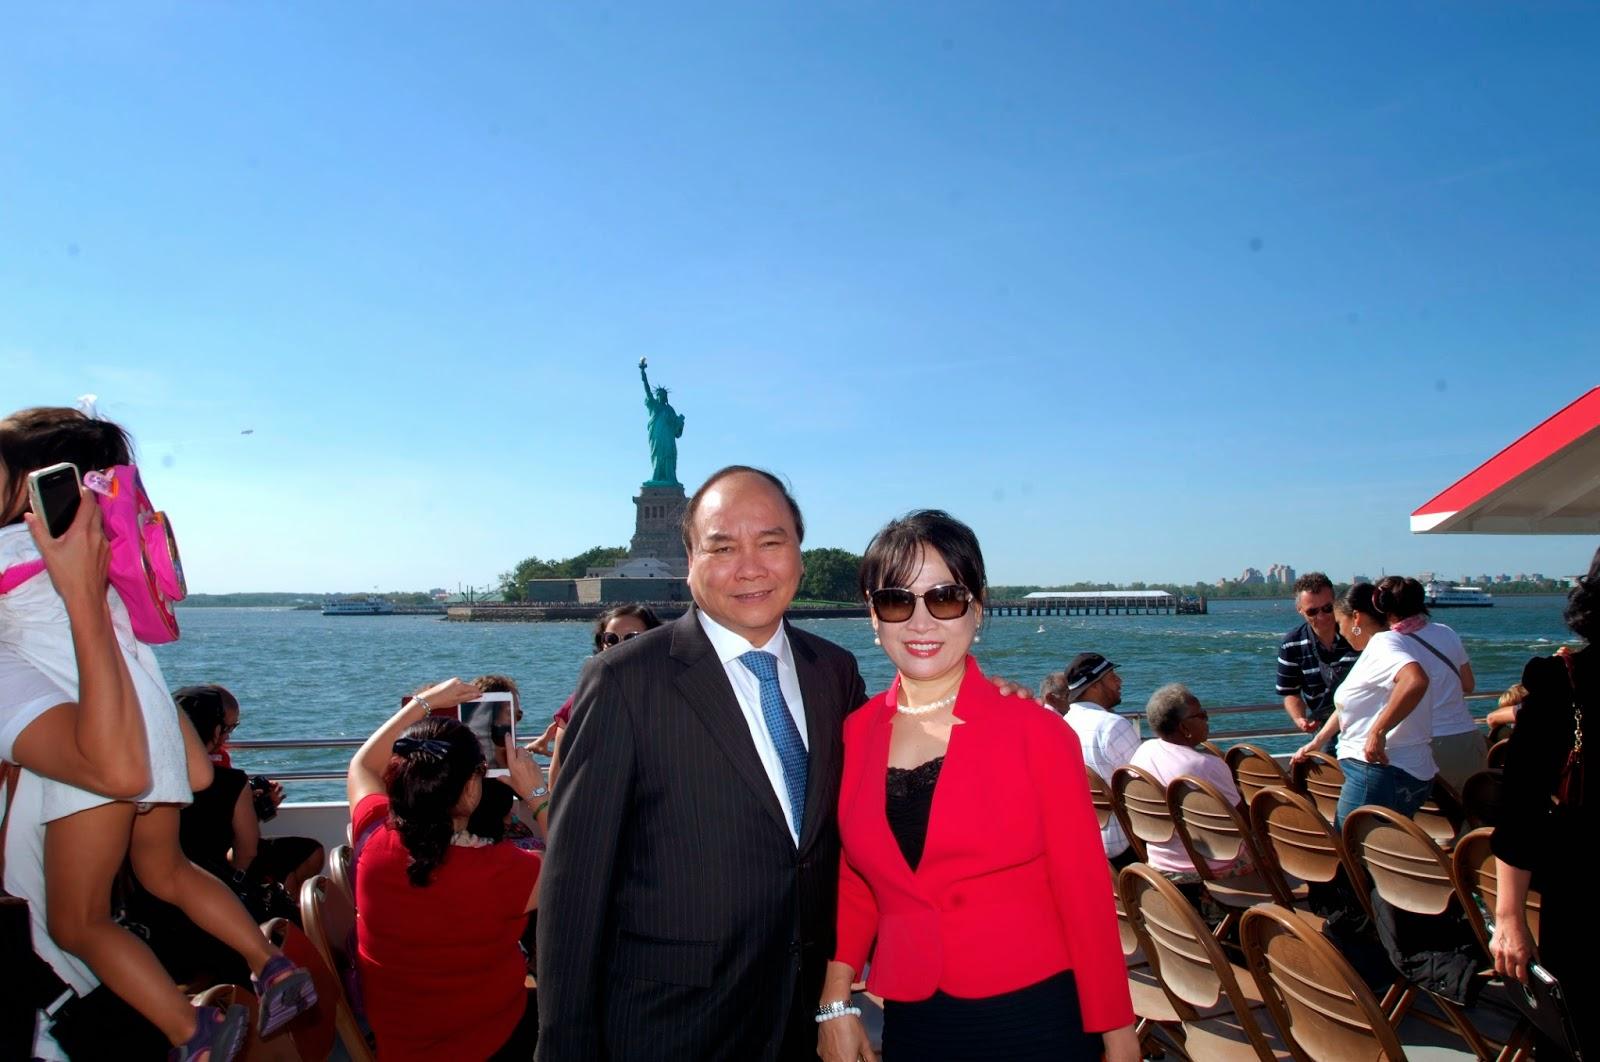 """Phó Thủ tướng """"chống tham nhũng"""" Nguyễn Xuân Phúc và hai căn biệt thự tại Mỹ"""